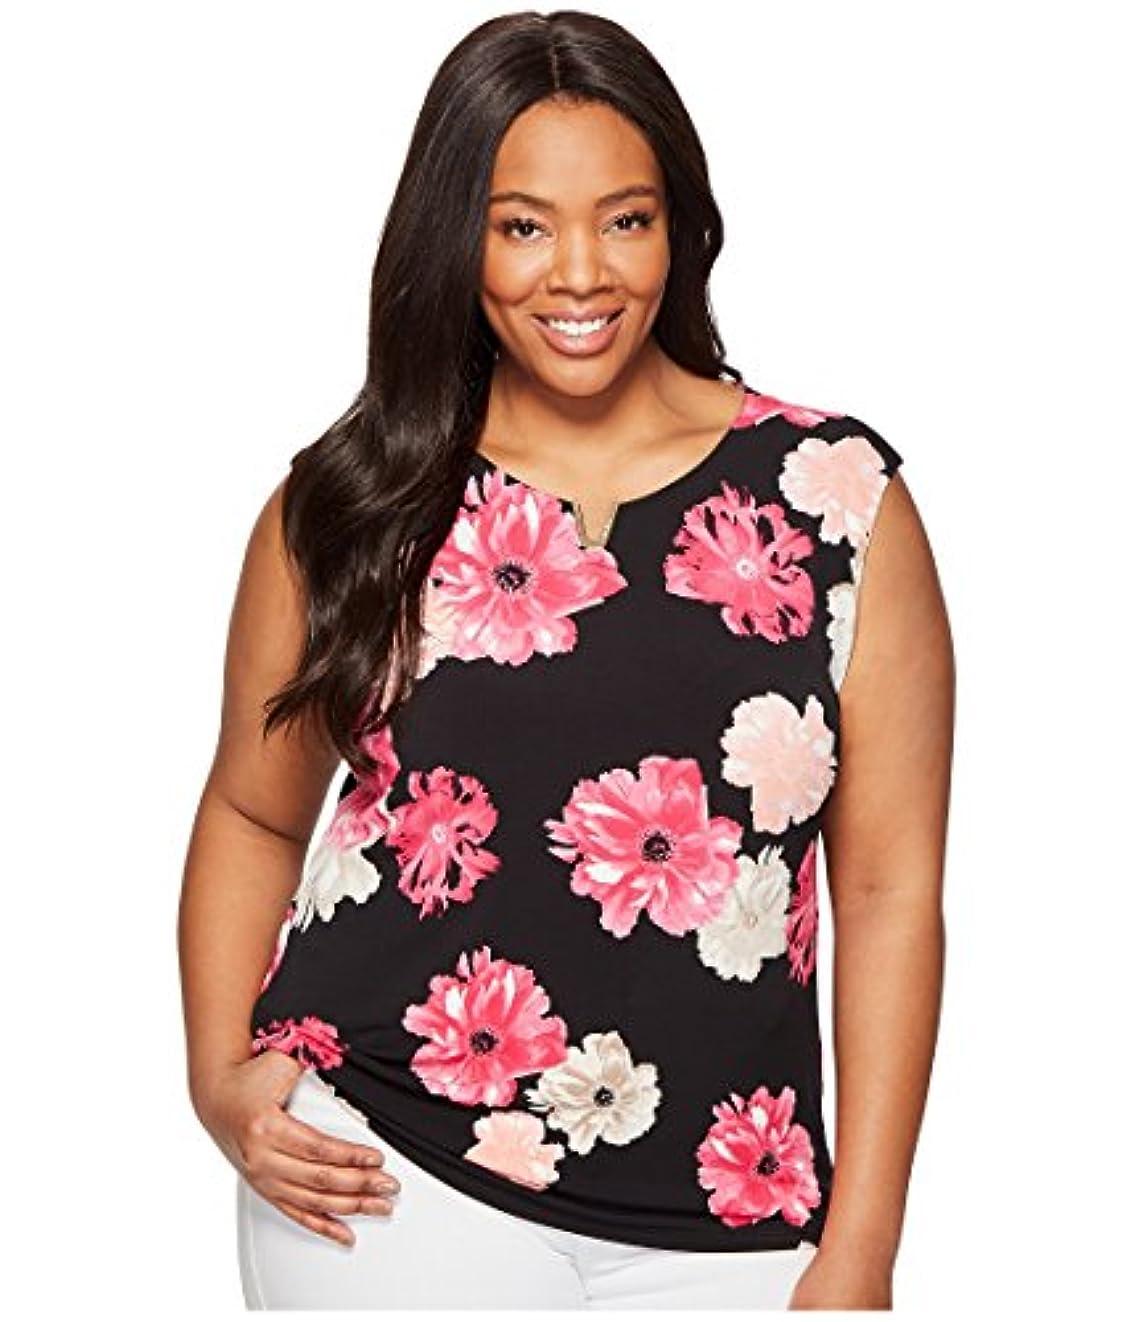 高揚した革命懐疑論[カルバンクライン] Calvin Klein Plus レディース Plus Size Printed Extended Shoulder with Hardware トップス [並行輸入品]